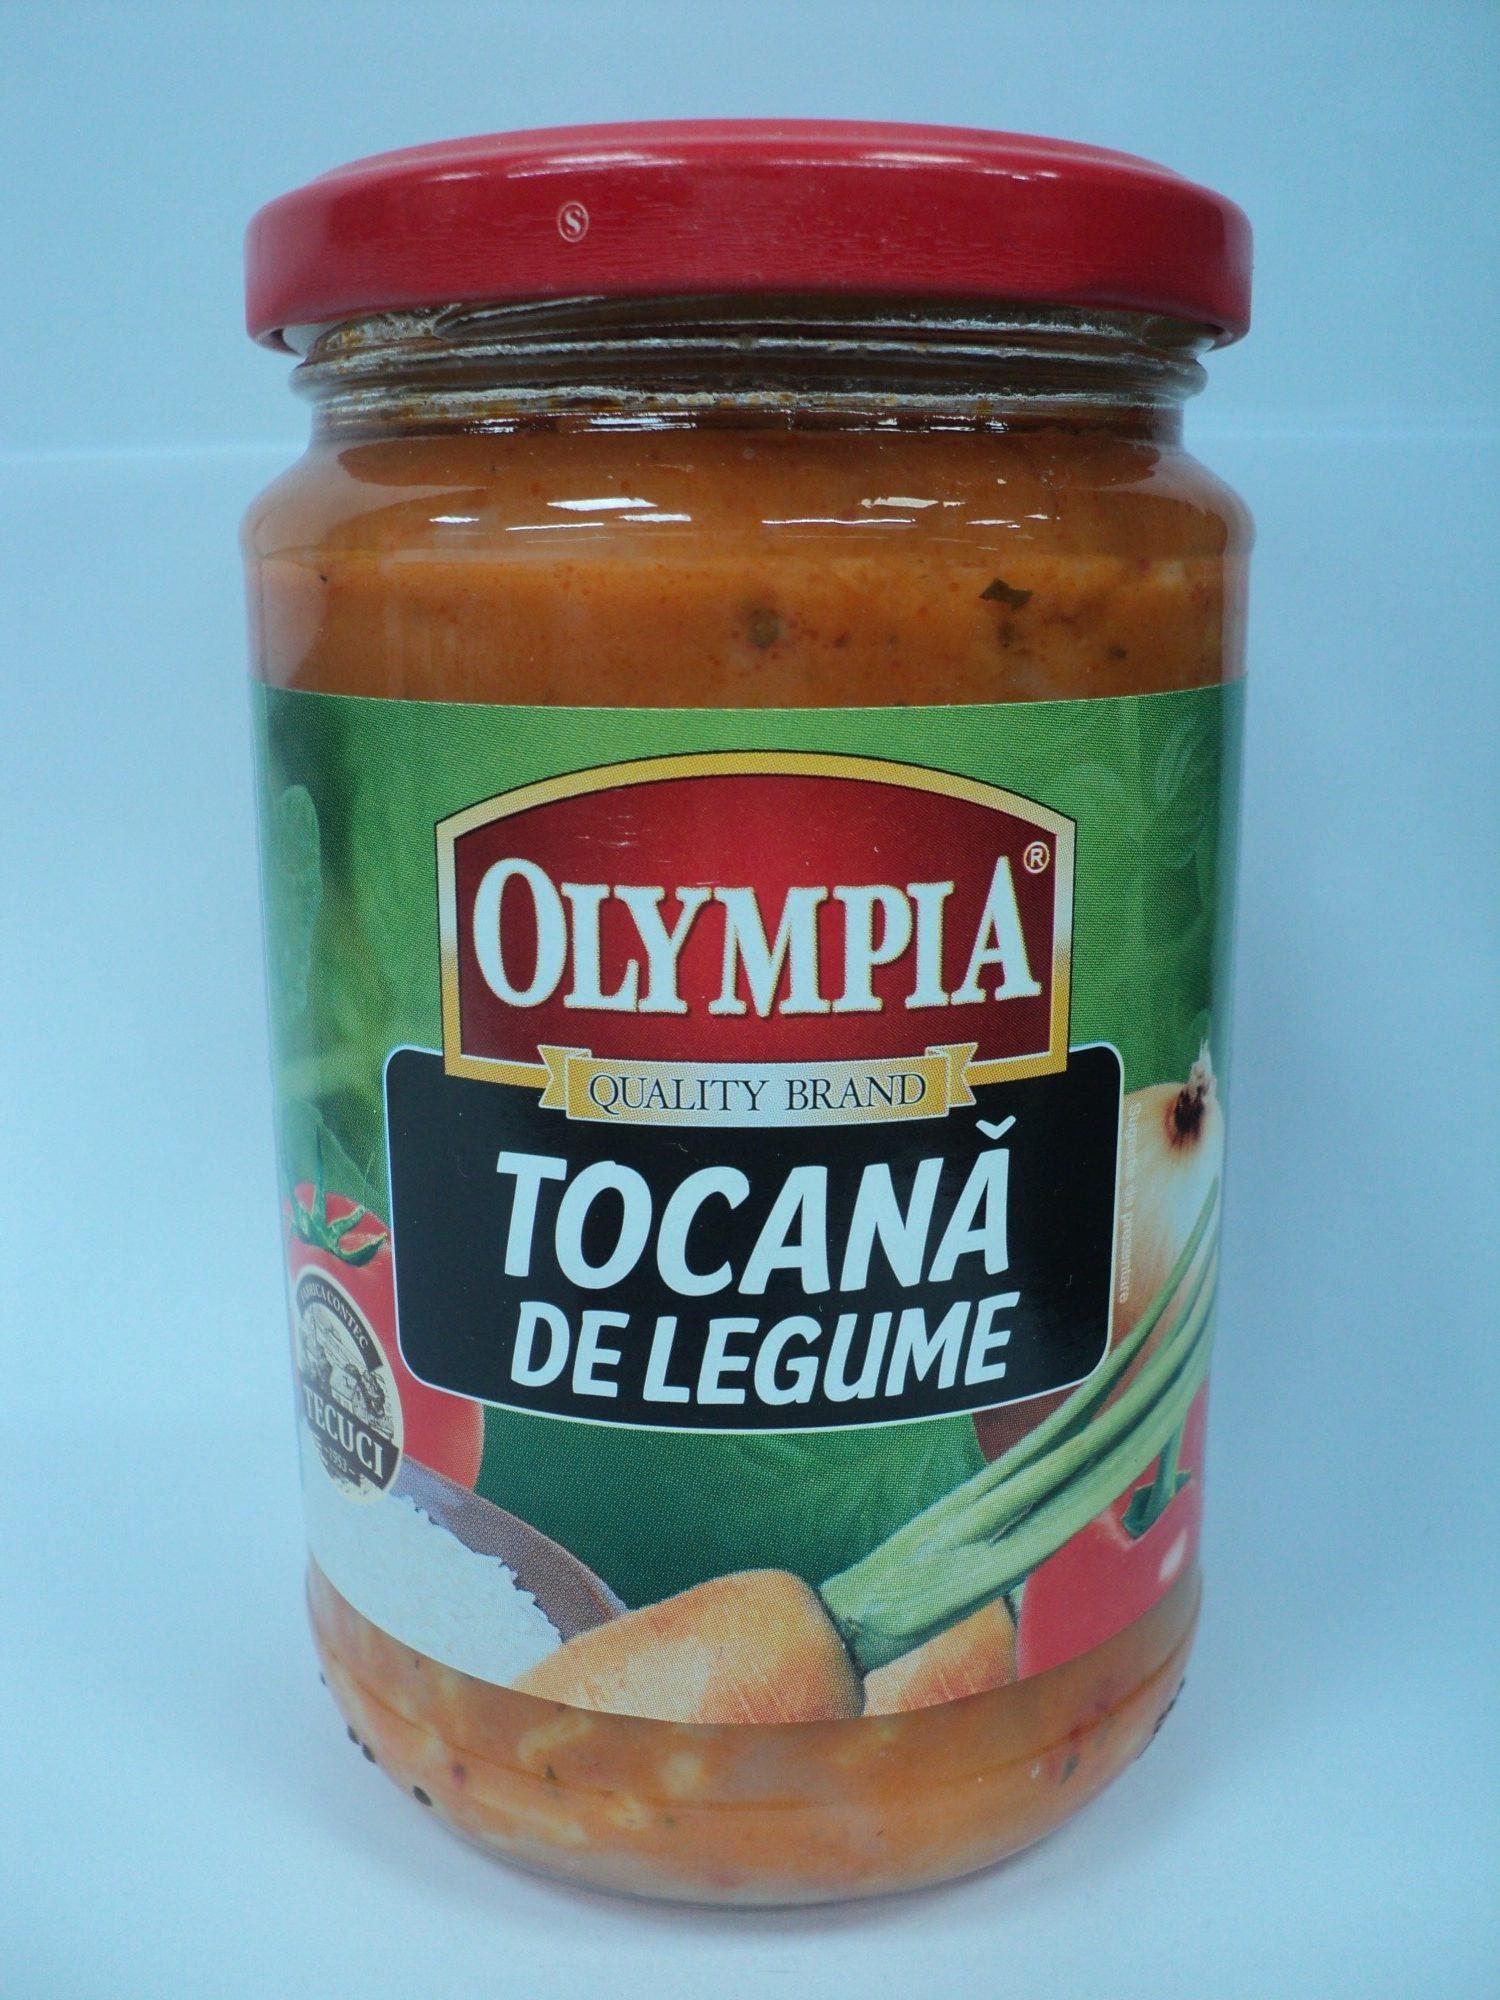 Olympia Tocană de Legume - Product - ro